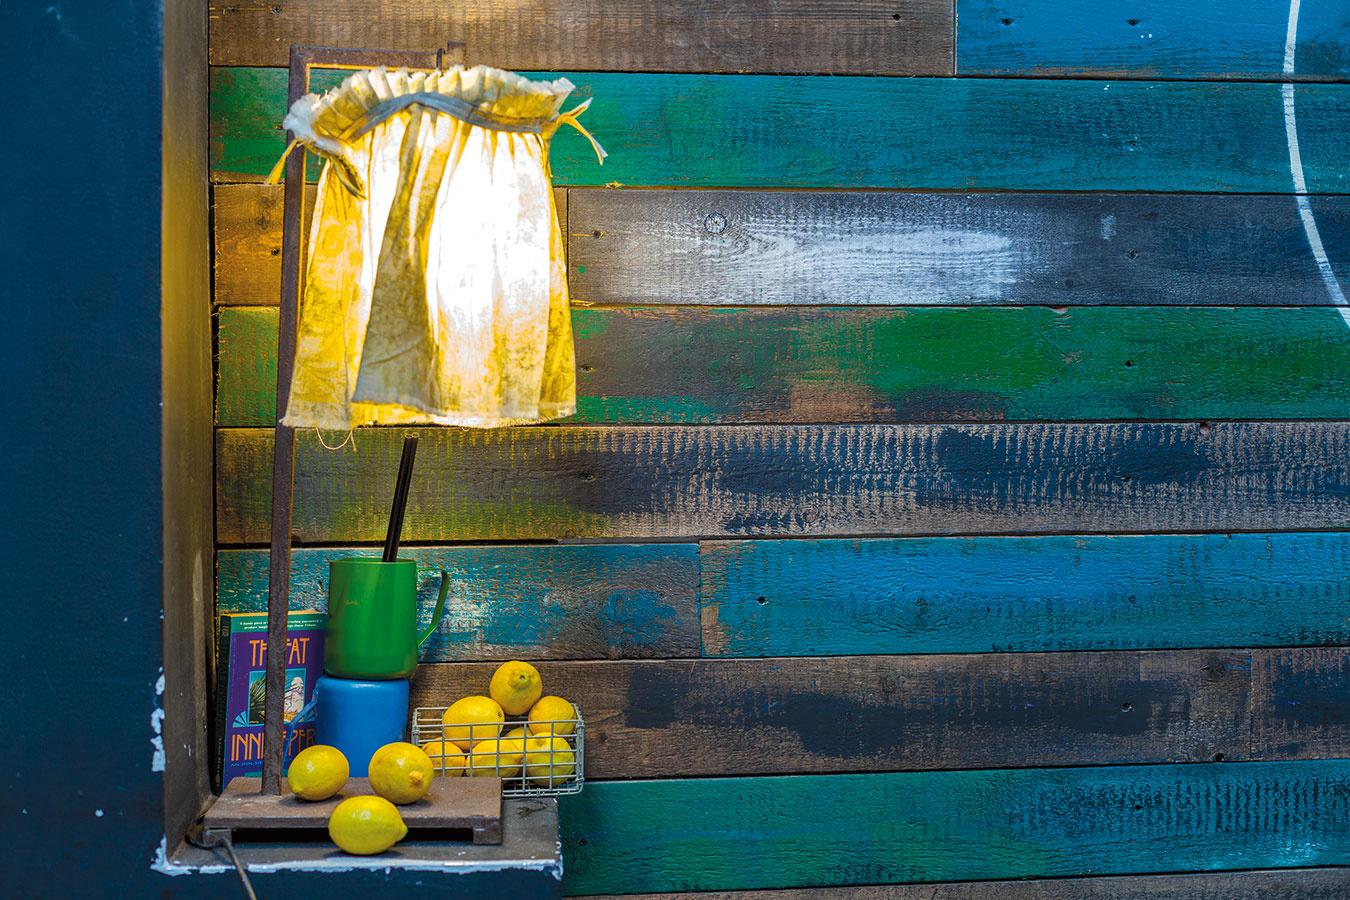 Ofarebné nátery stien obložených drevom sa opäť postaral majiteľ. Dosky najskôr namoril apostupne pomaľoval výraznými farbami podľa svojho vkusu acítenia.